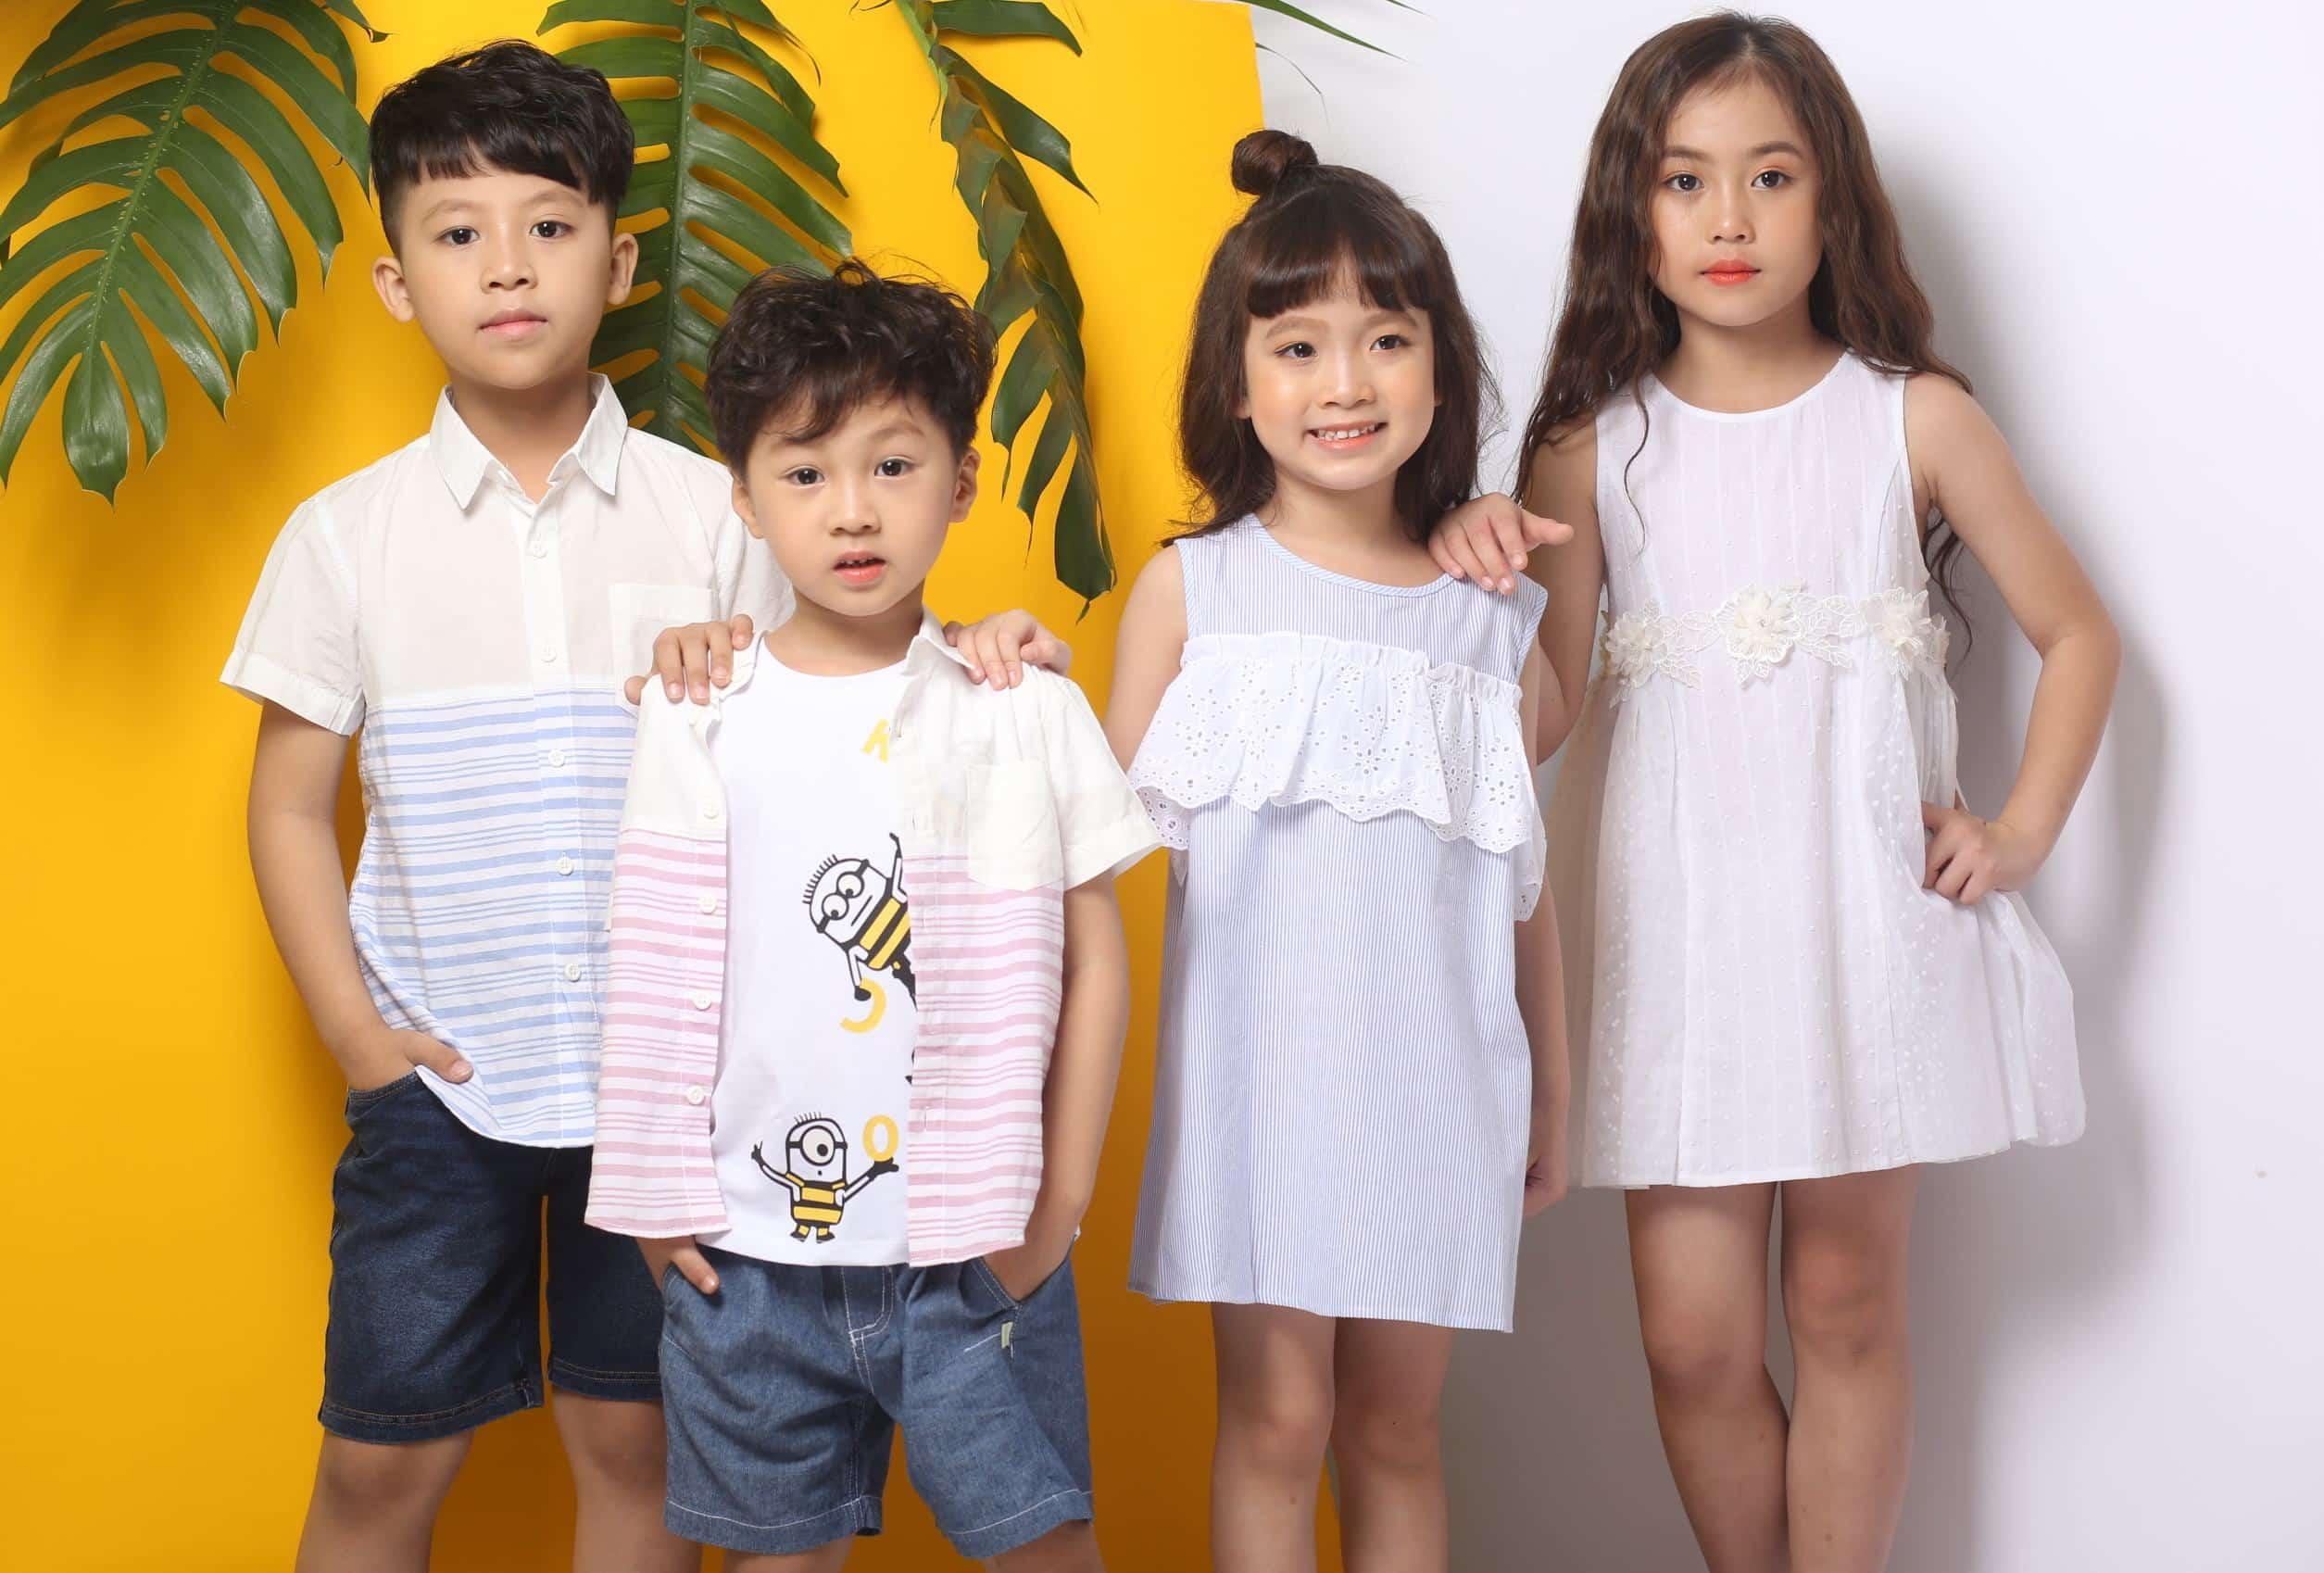 Một số thương hiệu quần áo trẻ em cao cấp mà bạn nên biết để dễ dàng mua  sắm cho bé - Jadiny